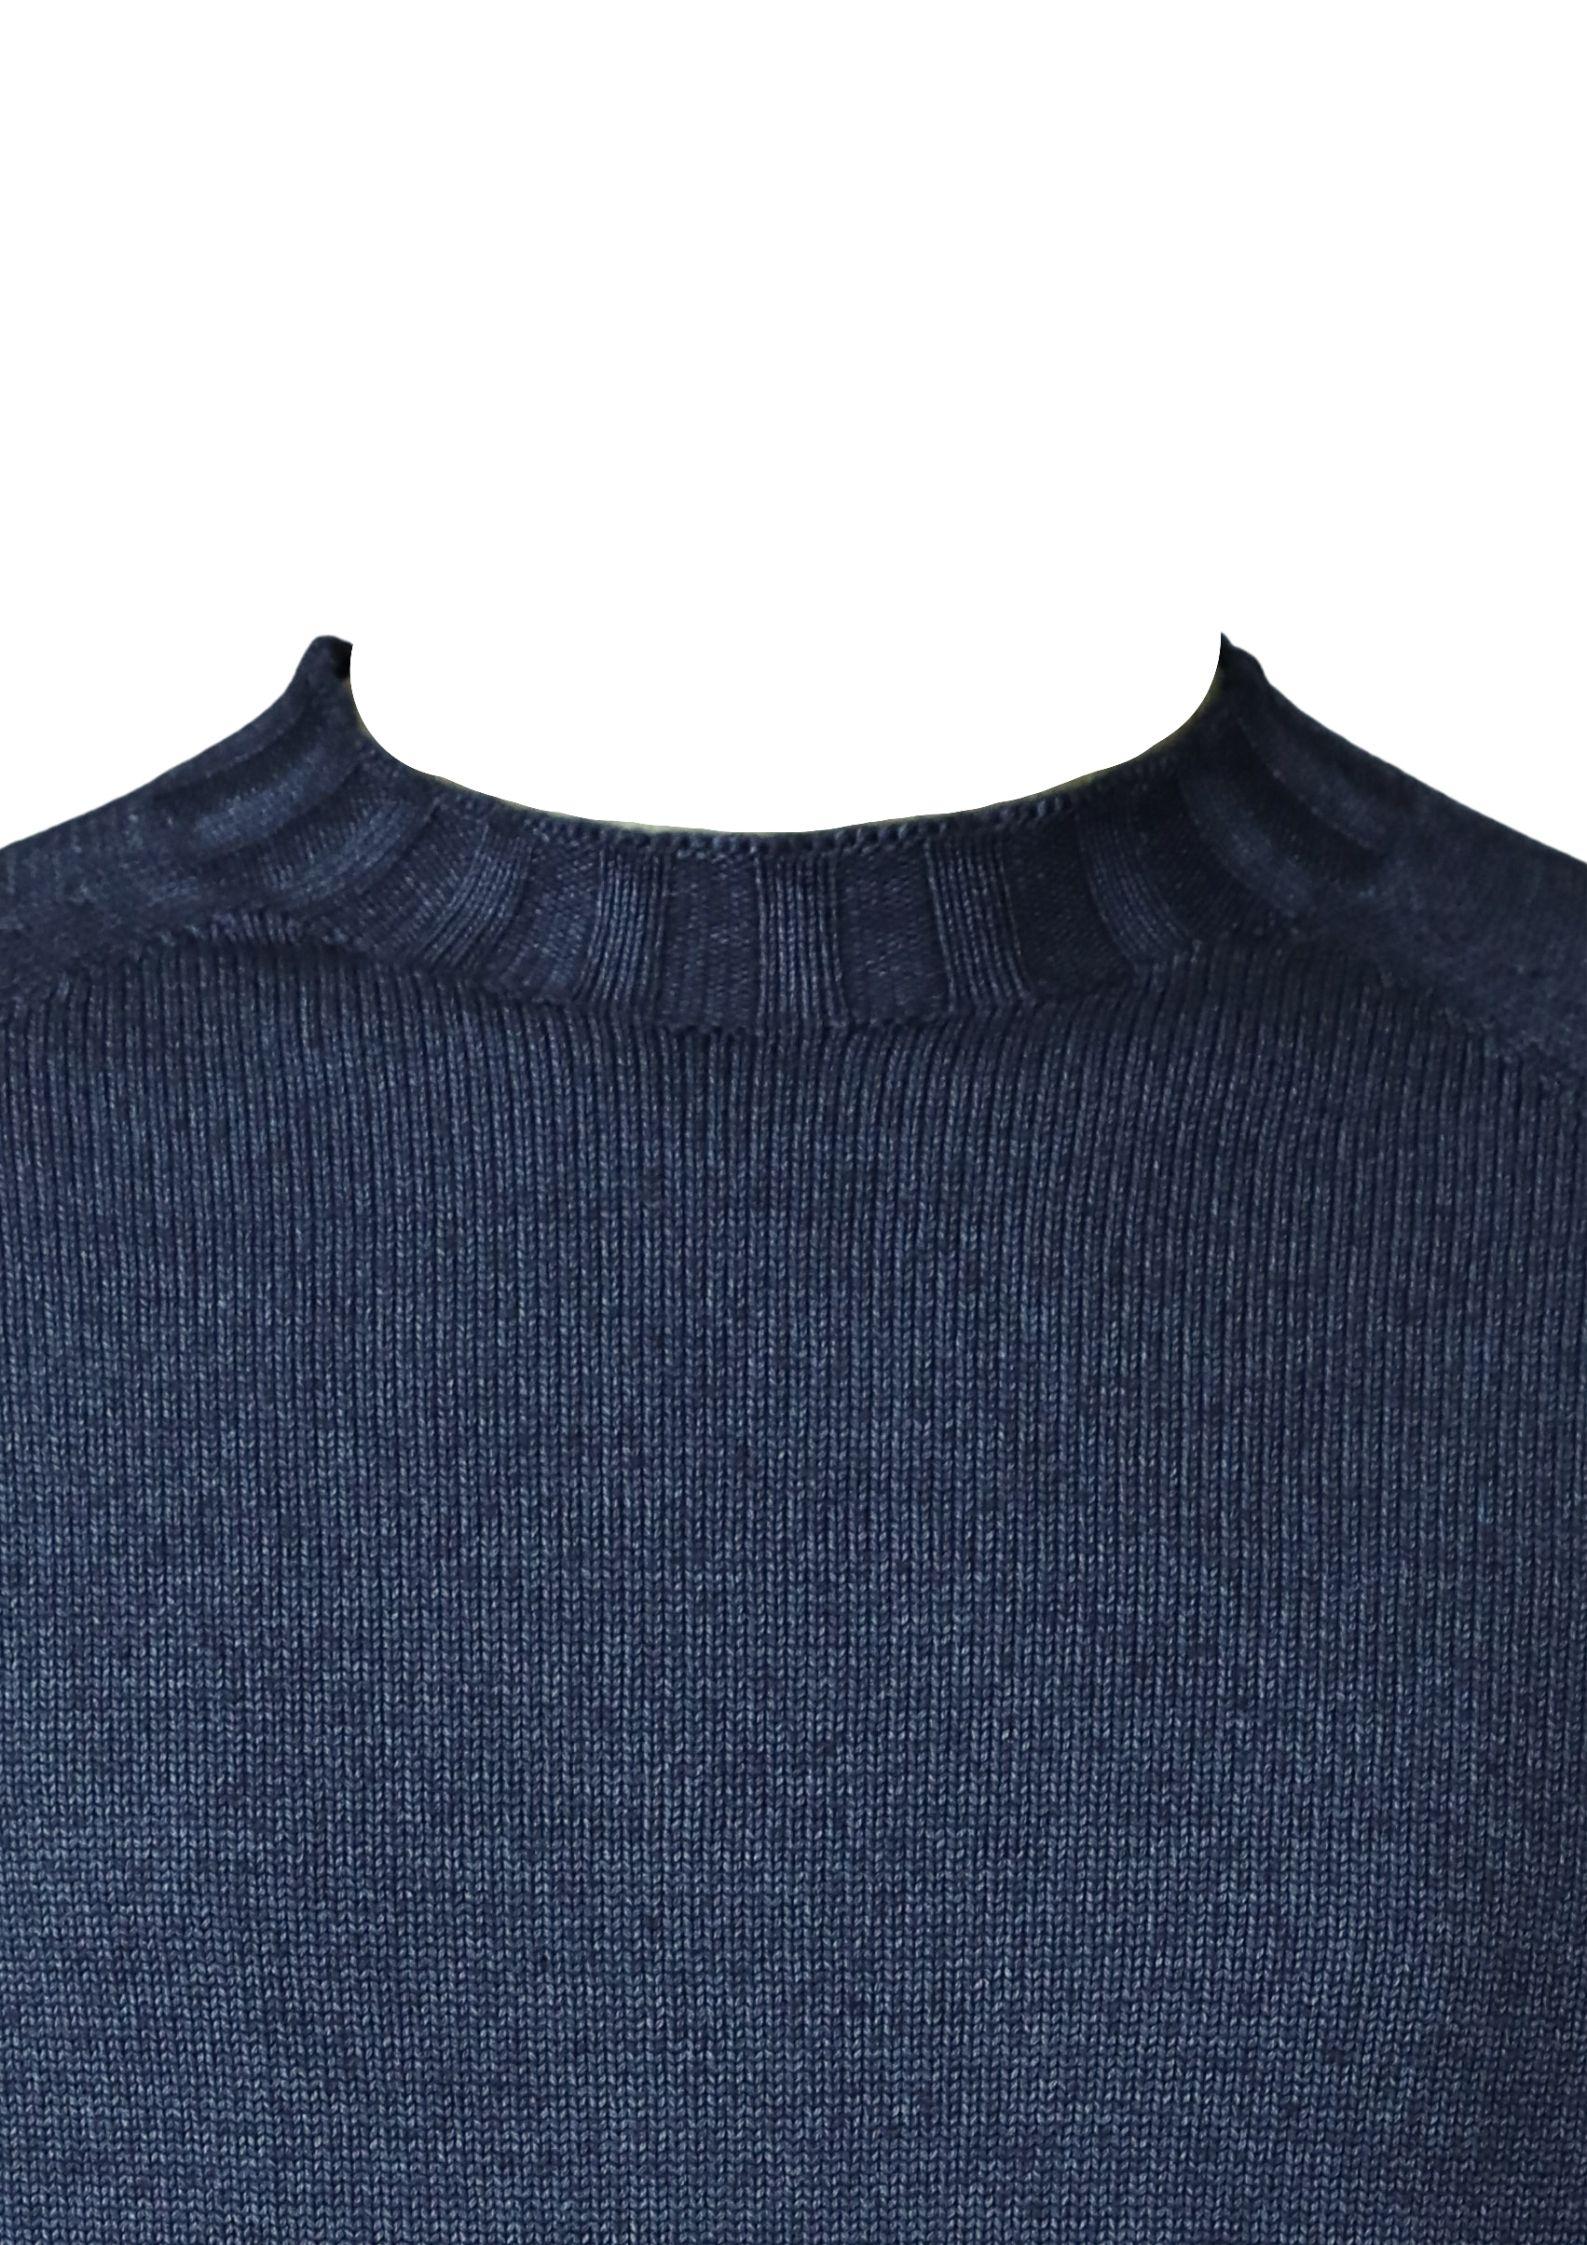 Pullover girocollo H953 | Maglieria | 334989